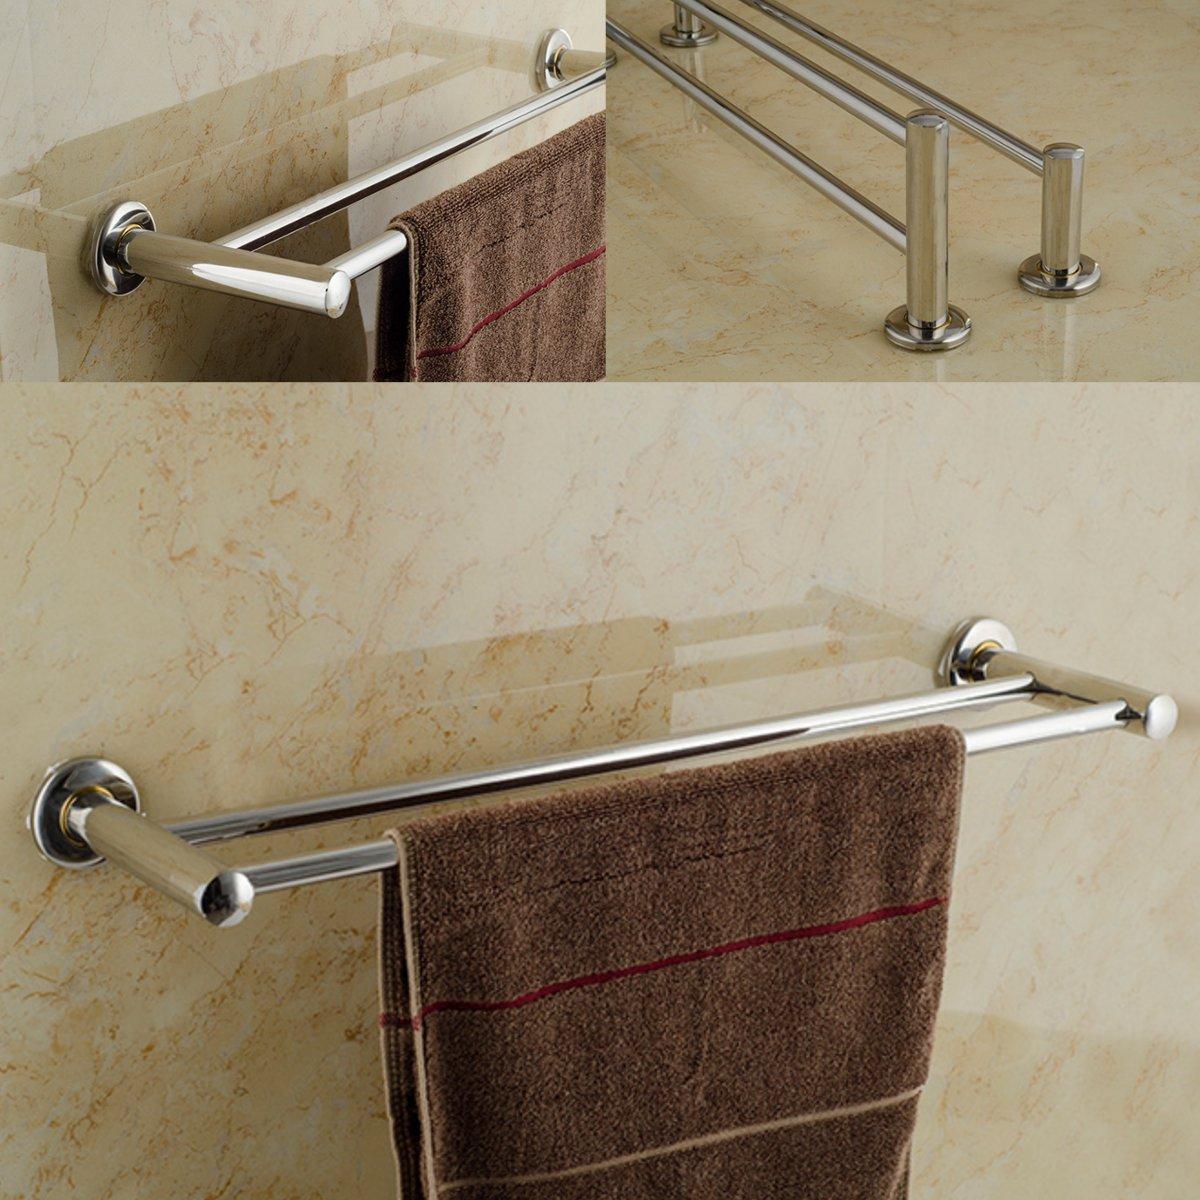 Double 40 cm Acier inoxydable Aothpher mural en acier inoxydable 304 Finition Chrome Salle de bain serviette de bar,